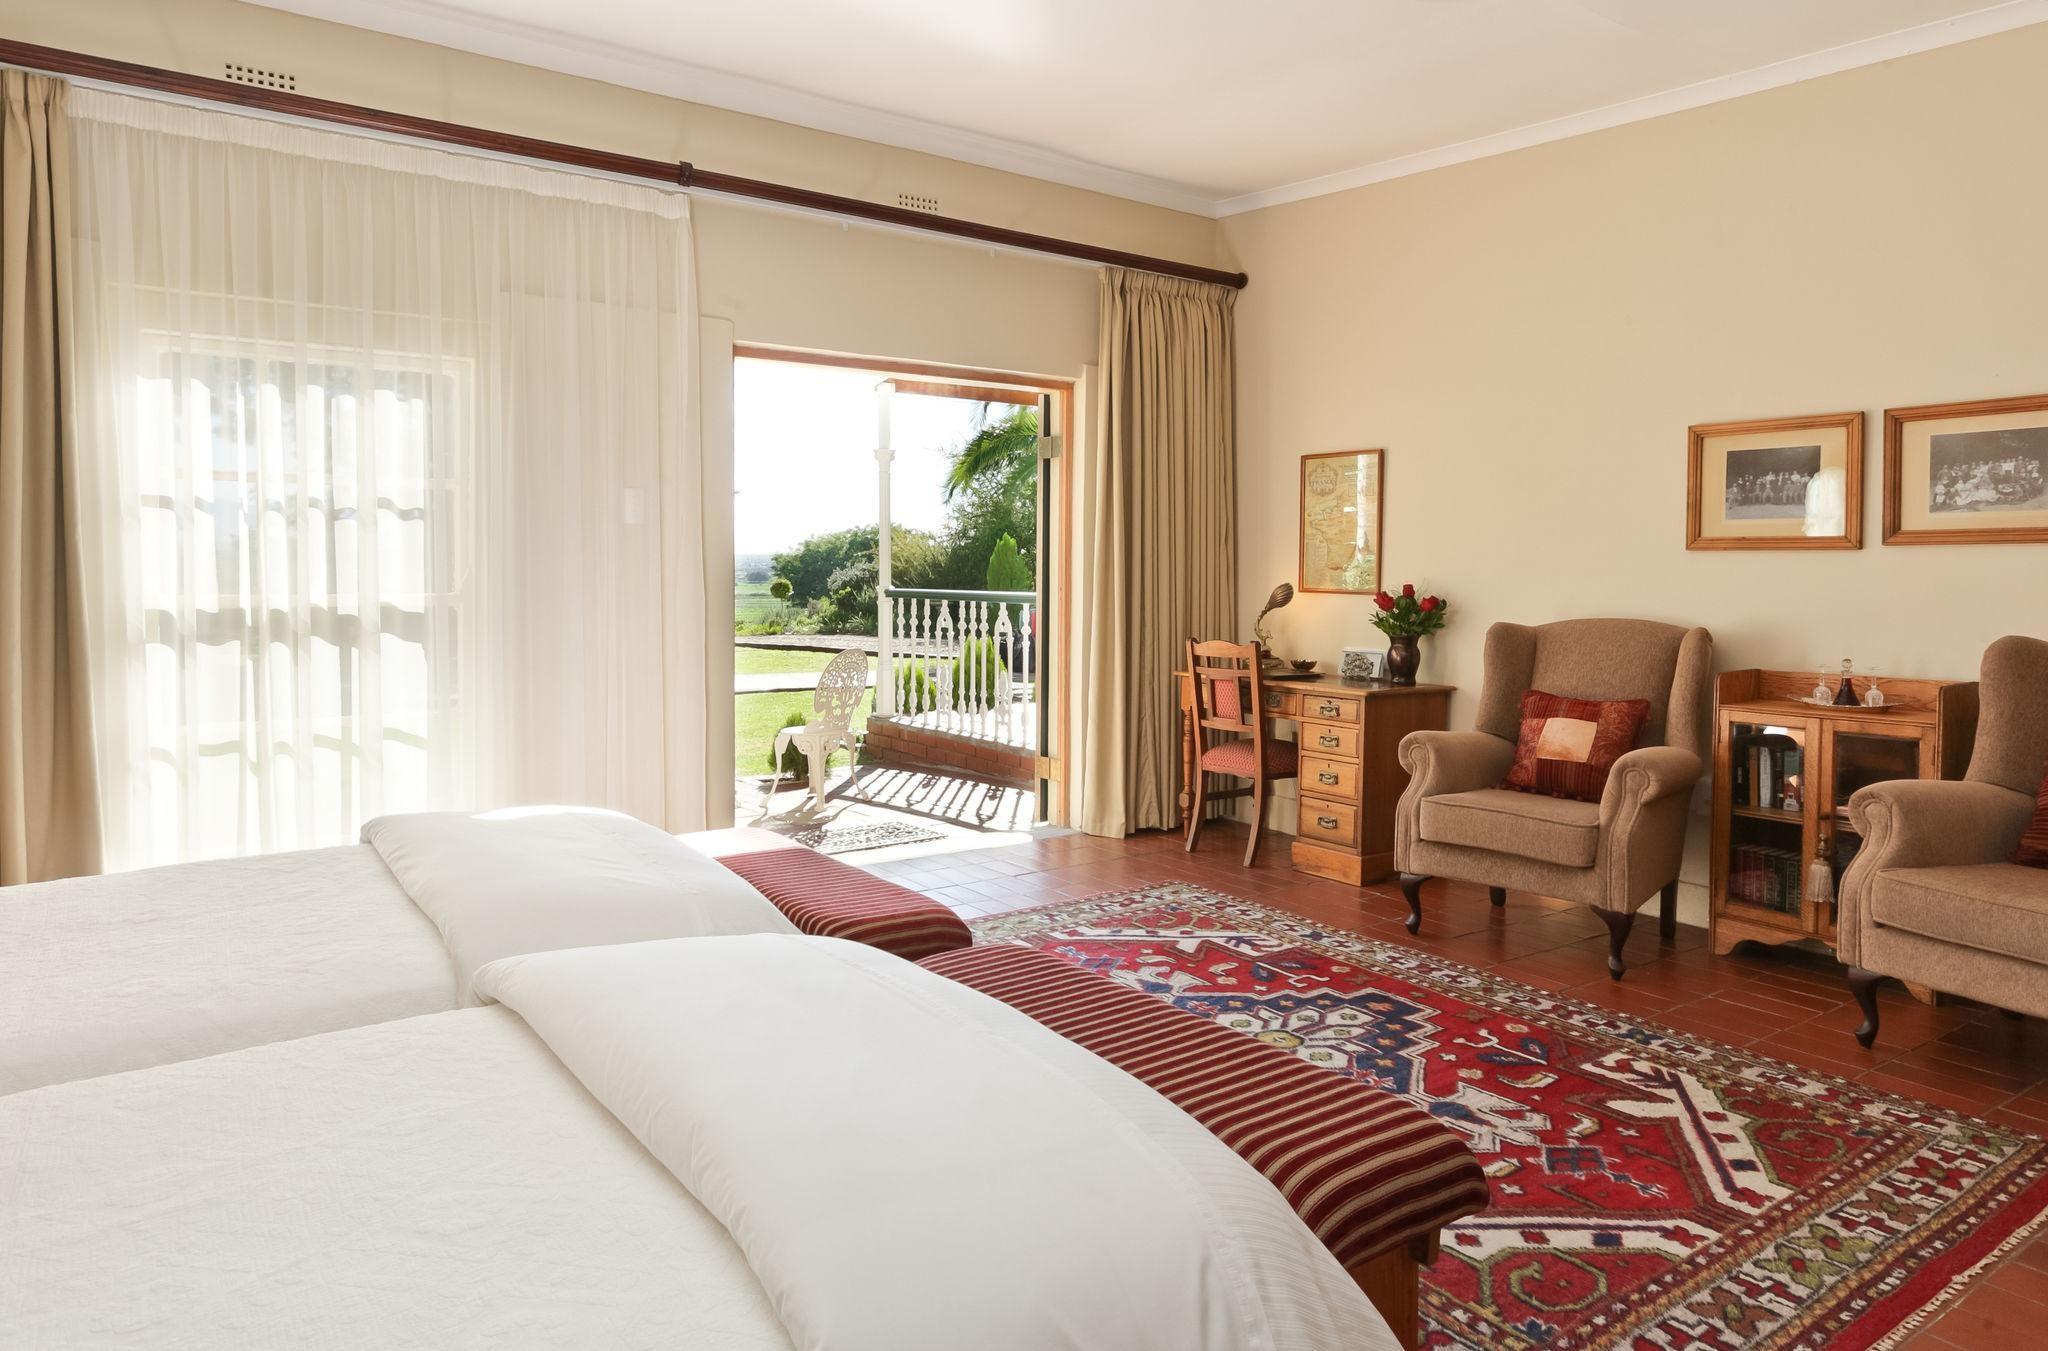 la-plume-guest-house-room-superior-suite